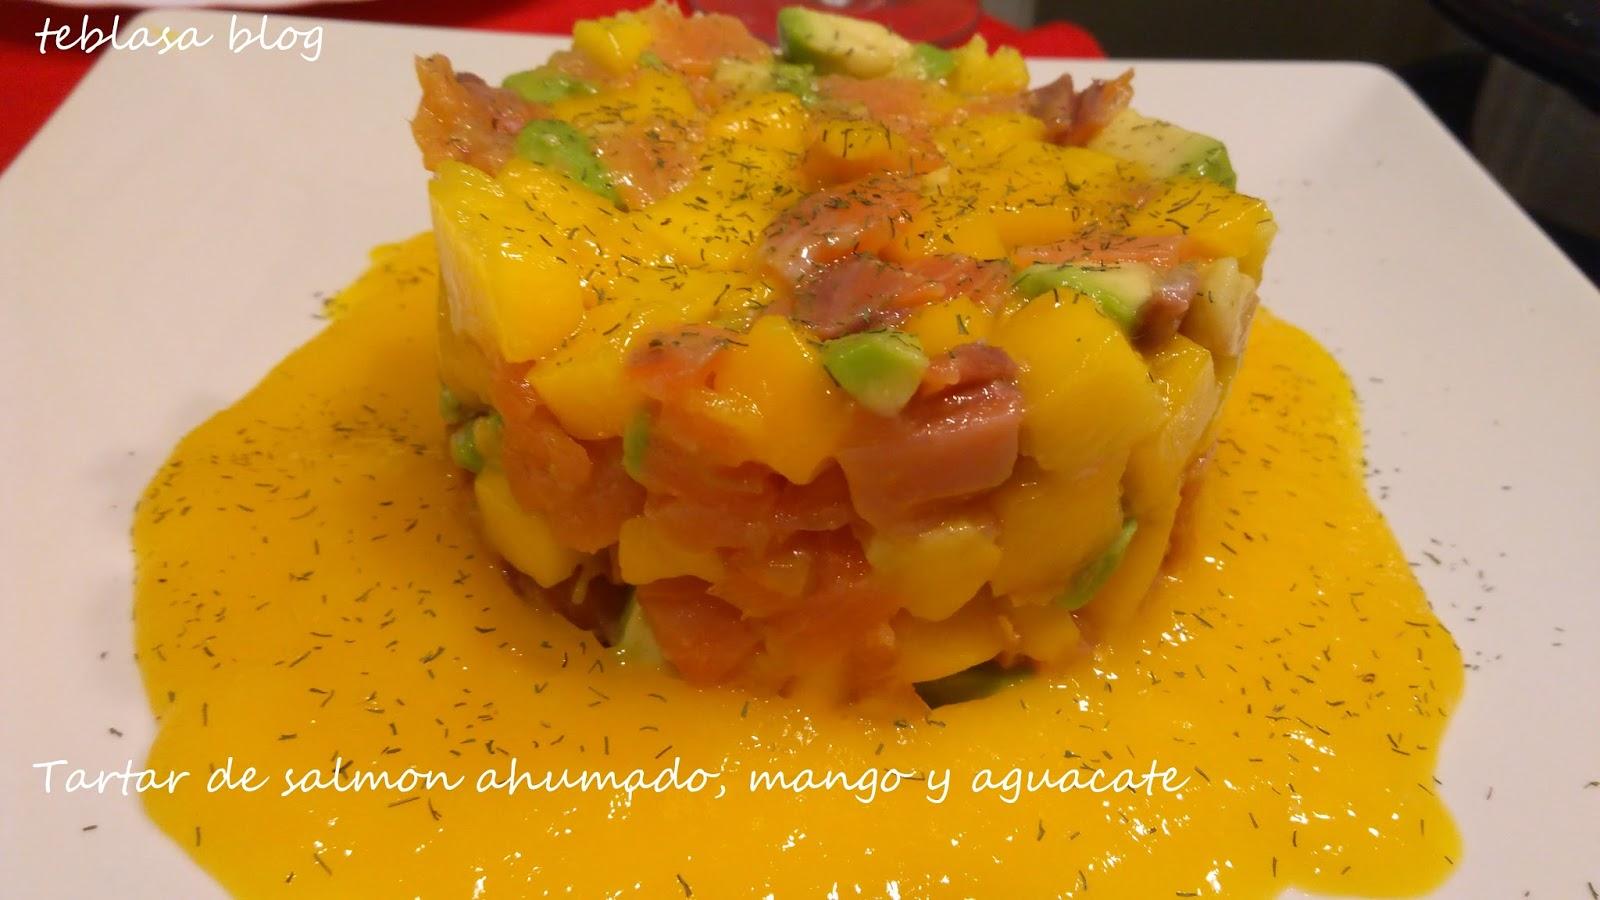 salmón ahumado con mango y aguacate